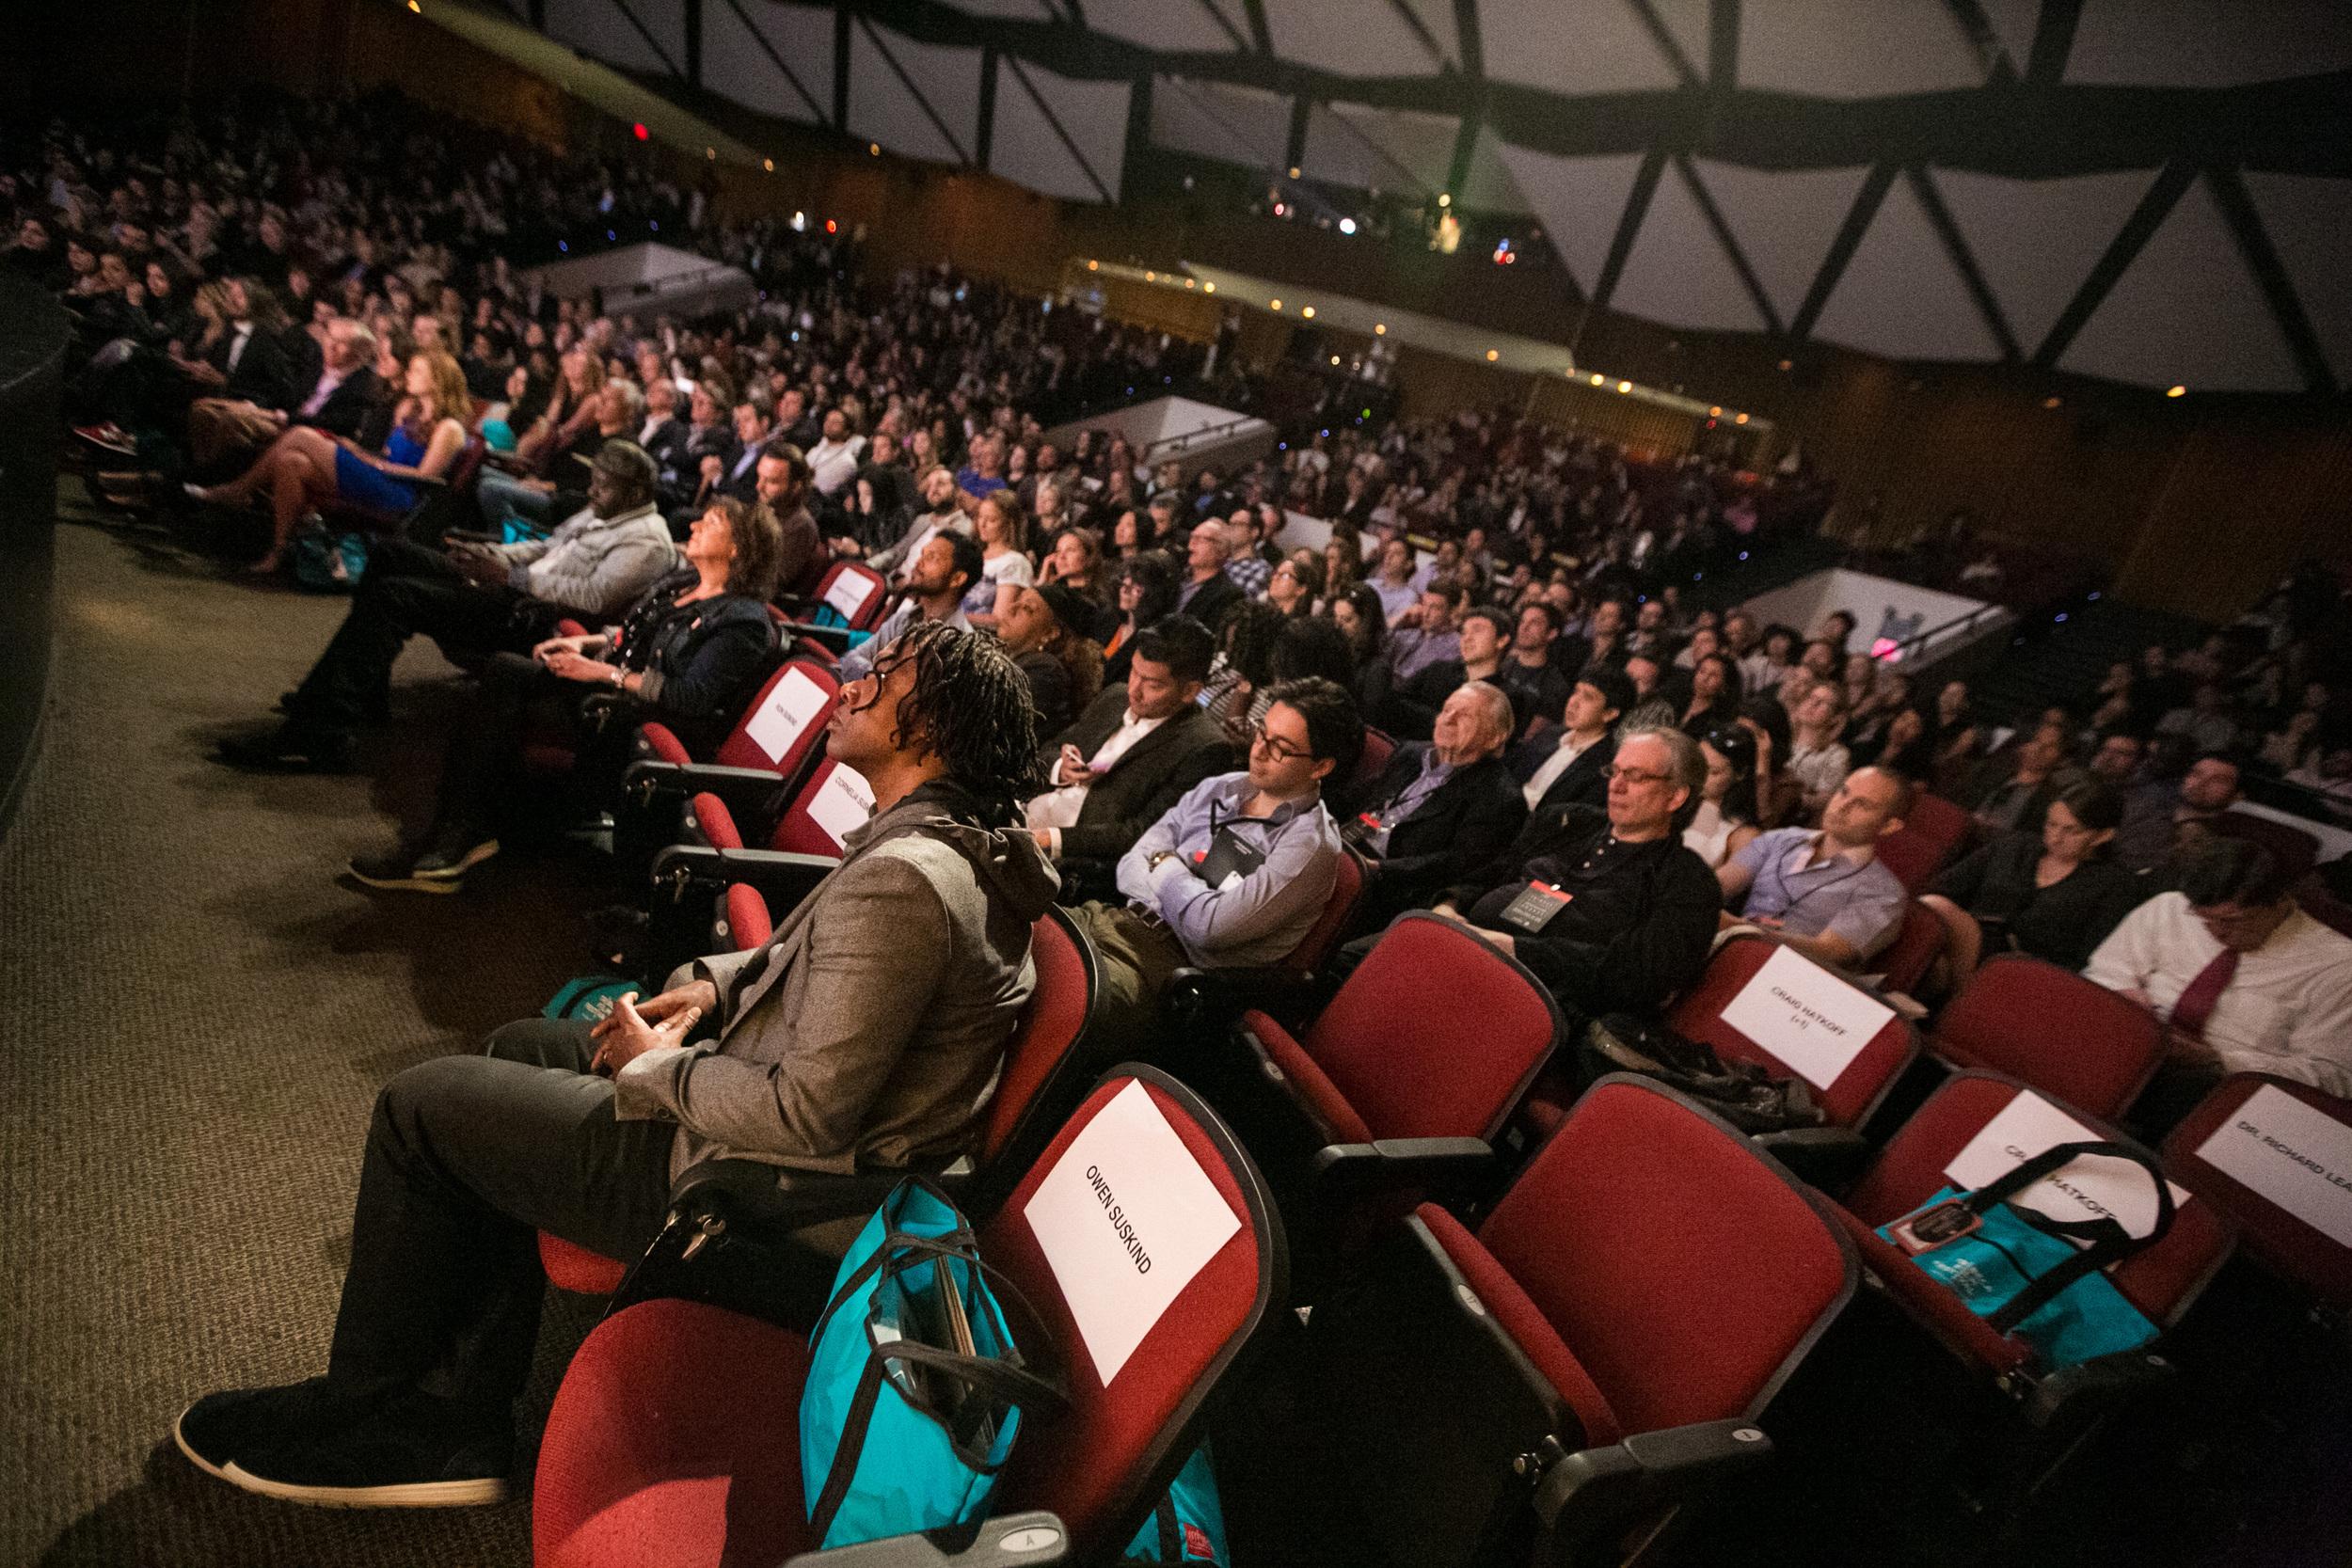 20160422-Tribeca Disruptive Innovation Awards-0748.jpg